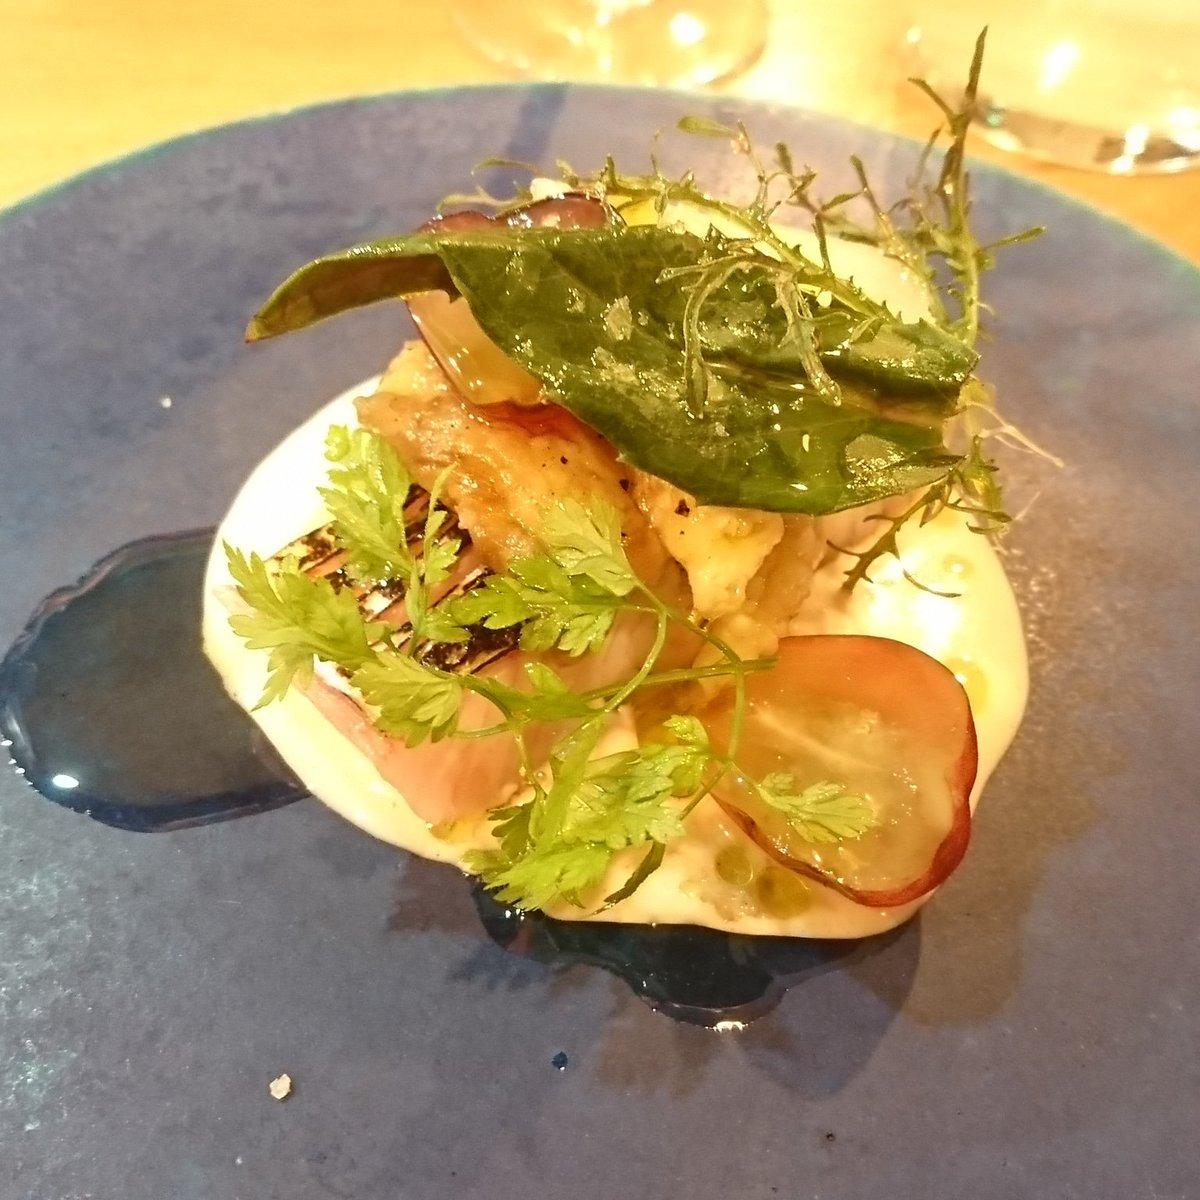 test ツイッターメディア - お魚の前菜は石巻産のサワラと焼きナス、アホブランコでした。アホブランコはアンダルシア地方のスープ料理で、にんにくとアーモンドを使った白いガスパチョ。一口で幸せになれました…❤️ #神楽坂エスタシオン https://t.co/bdqvUbC0hw